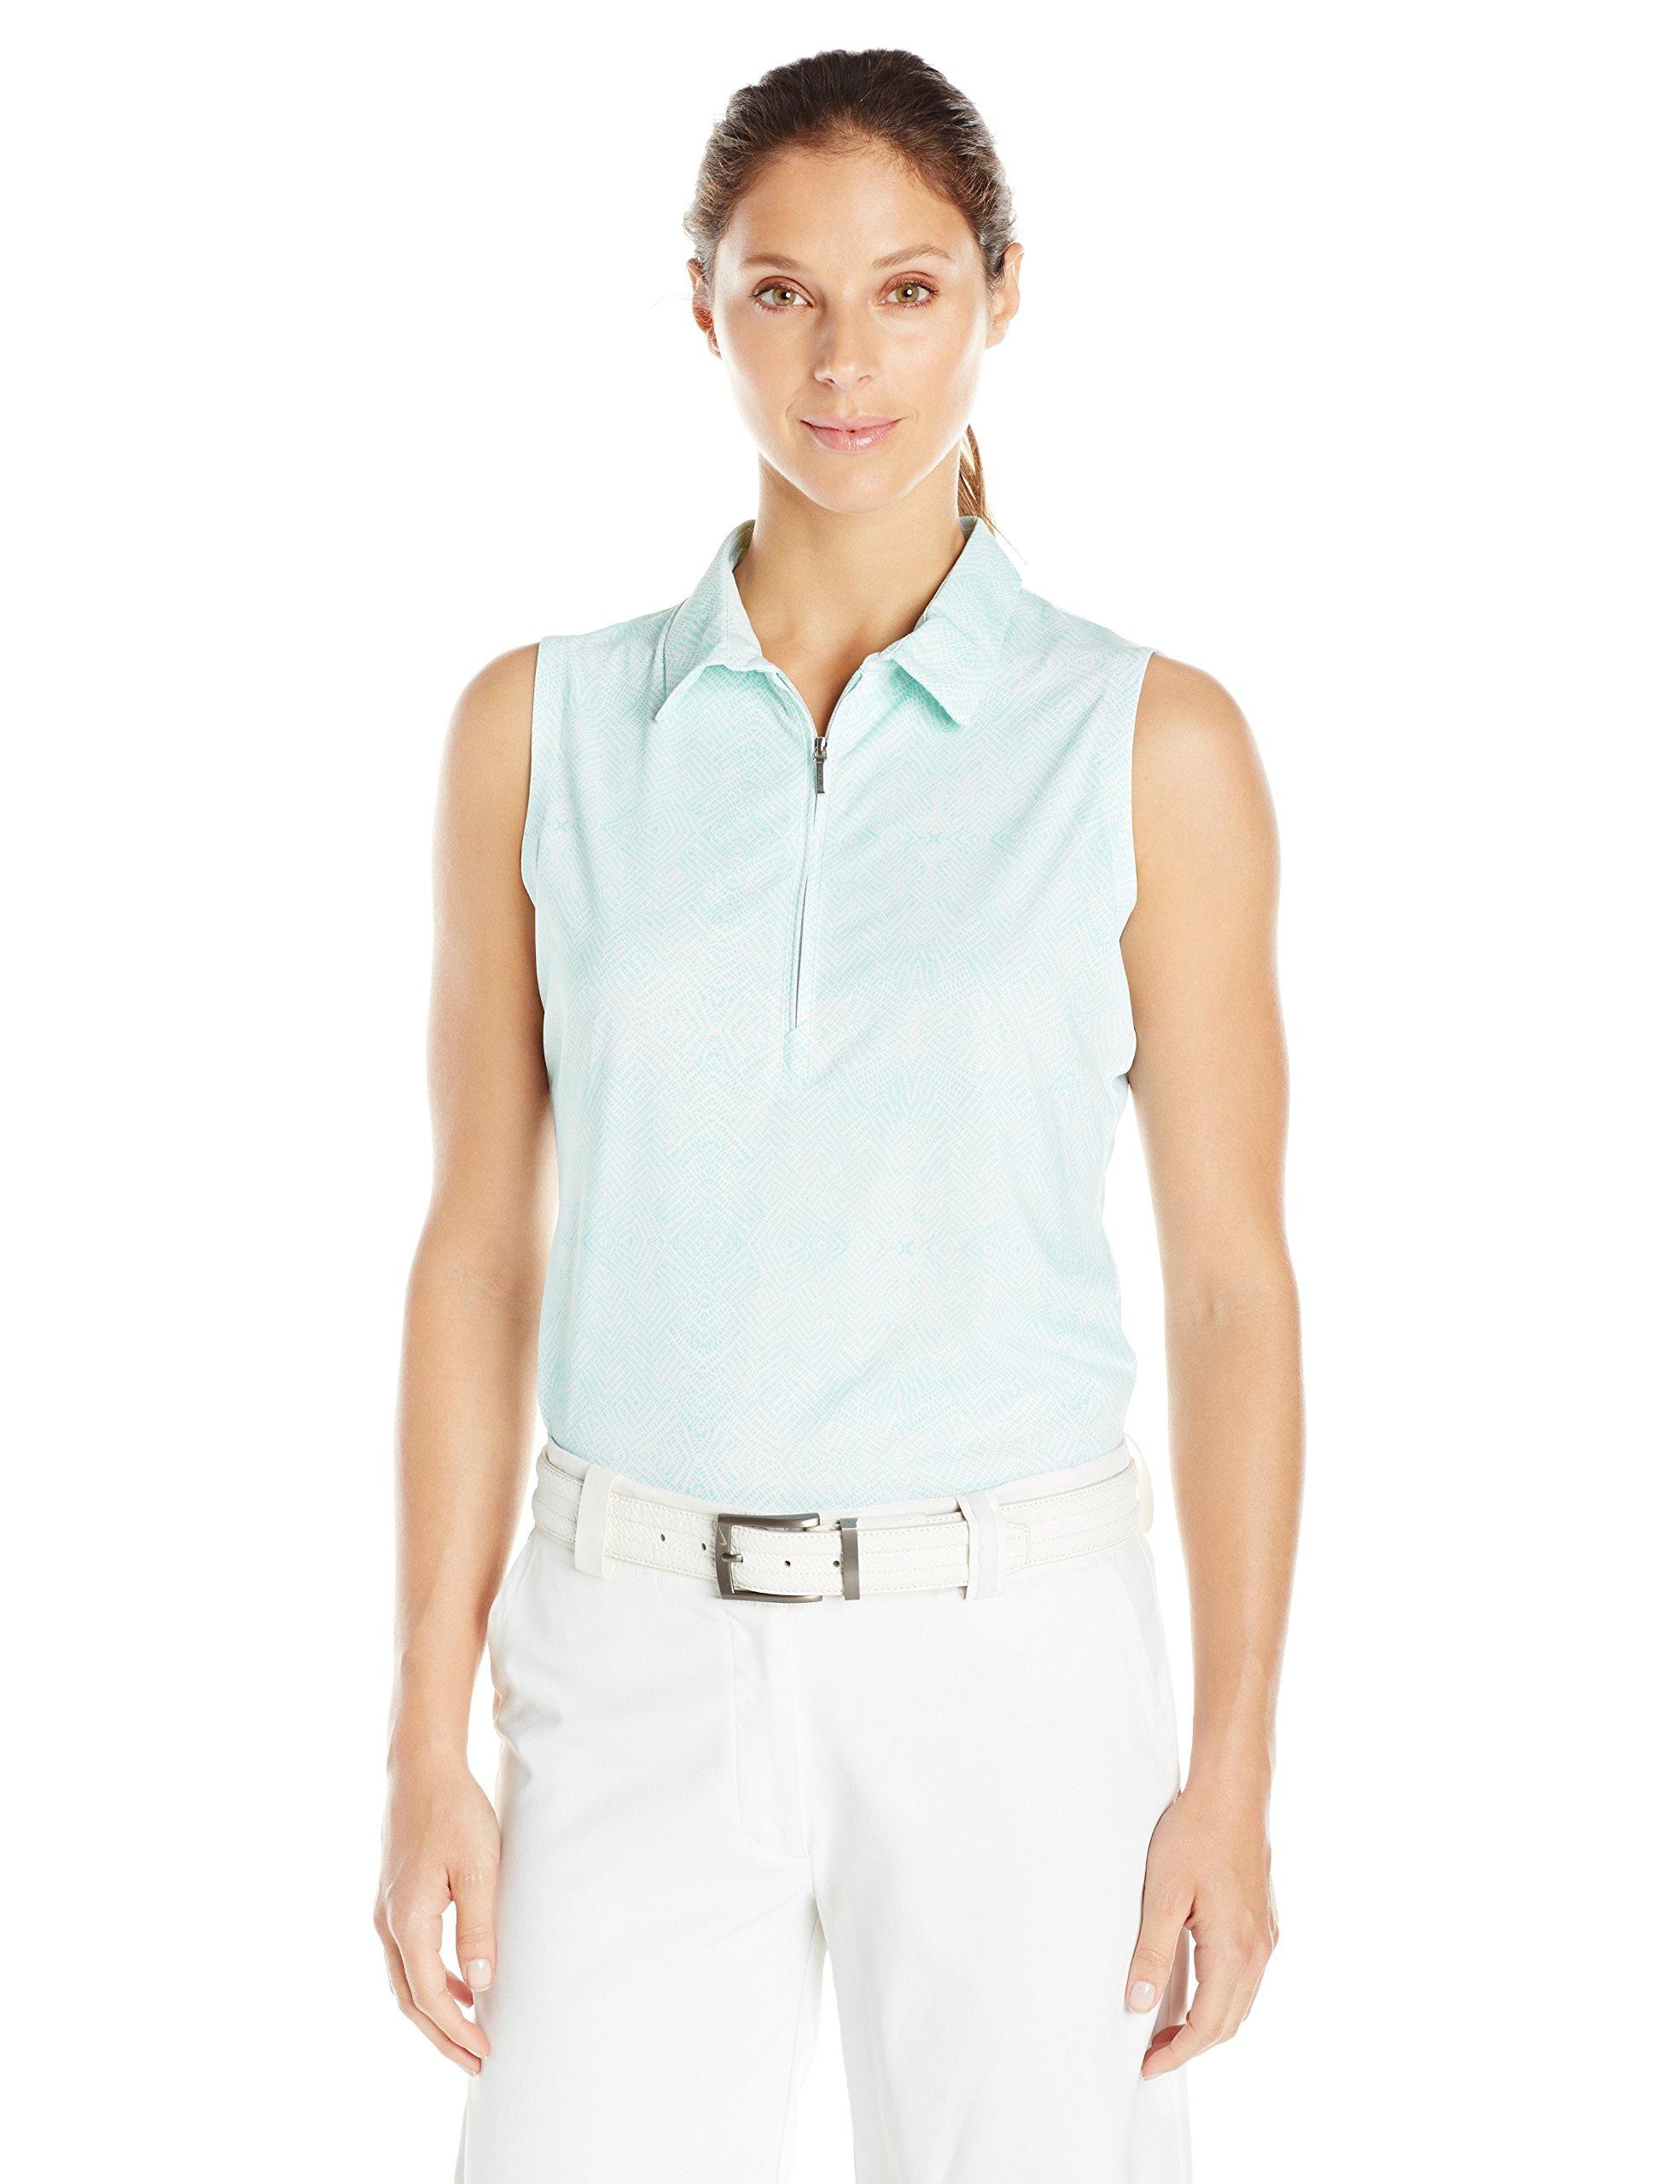 Cutter & Buck Women's Moisture Wicking, UPF 50+, Sleeveless Tess Printed Polo Shirt, Sea Glass, L by Cutter & Buck